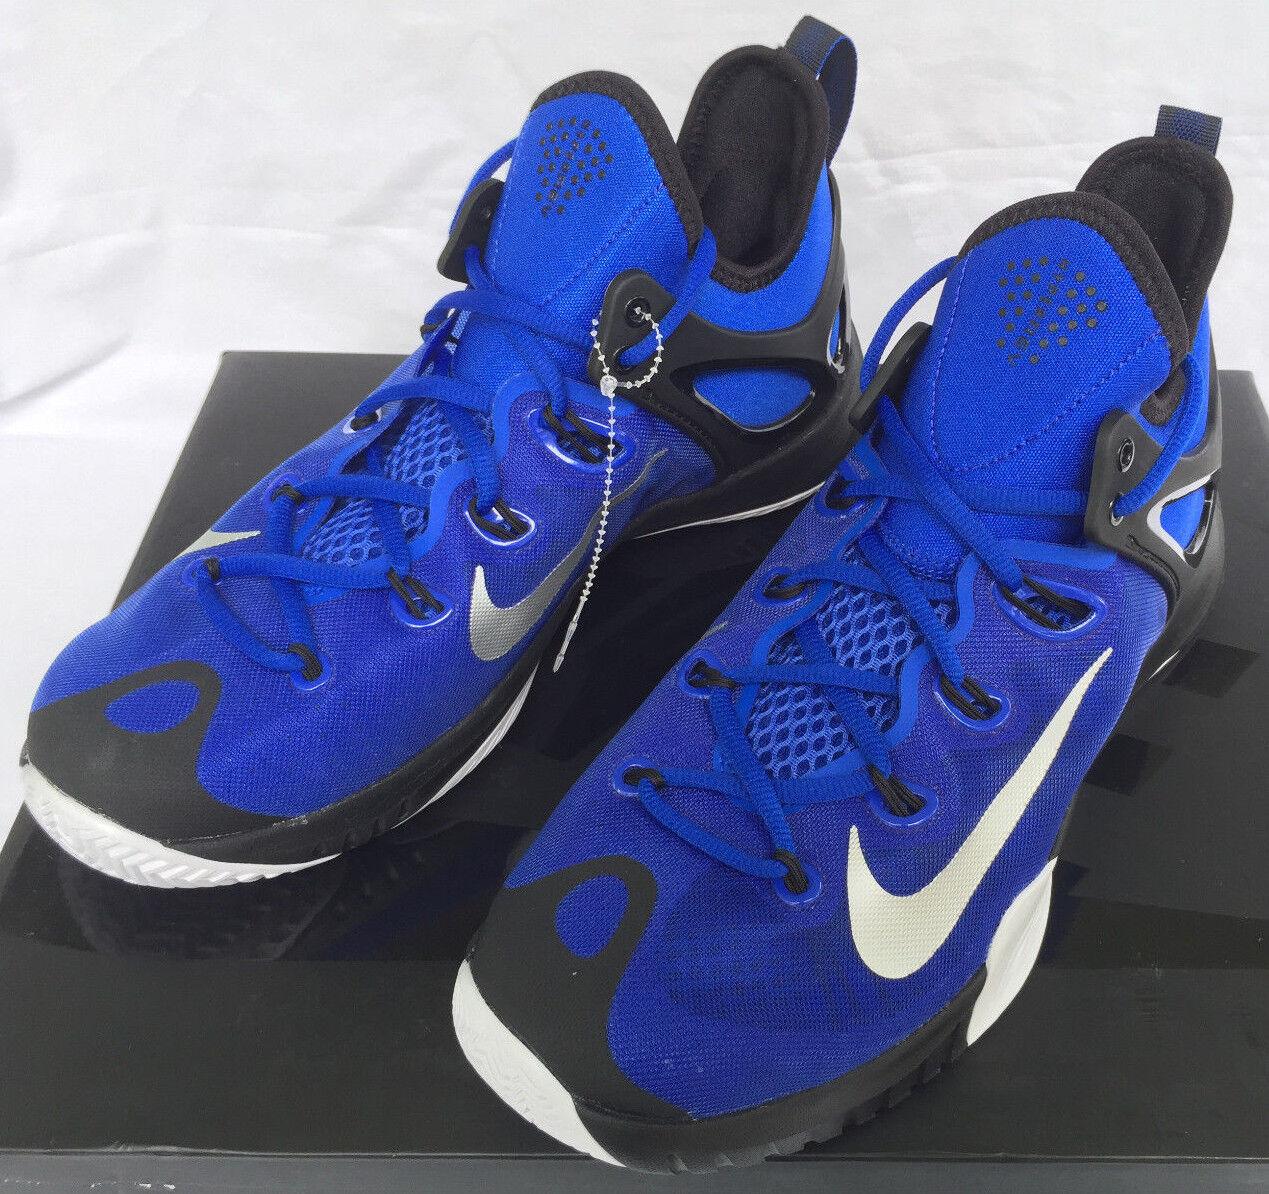 Nike Zoom HyperRev 2018 Lyon Bleu 705370-400 Noir Basketball Chaussures Hommes 8.5 new